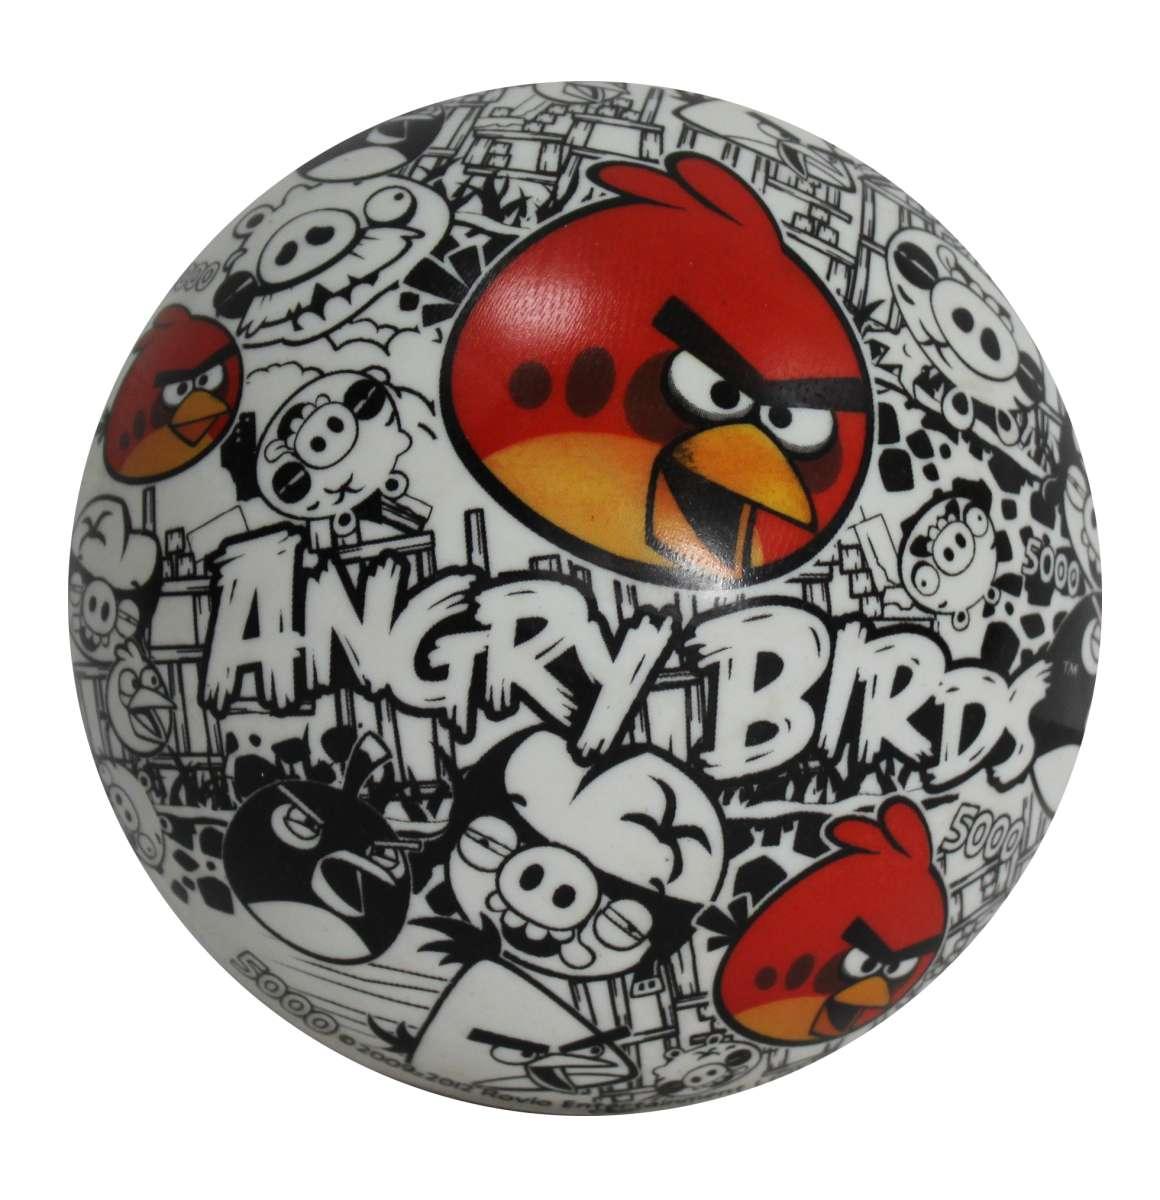 Игровой мяч Angry Birds - Винтажный, 23 см